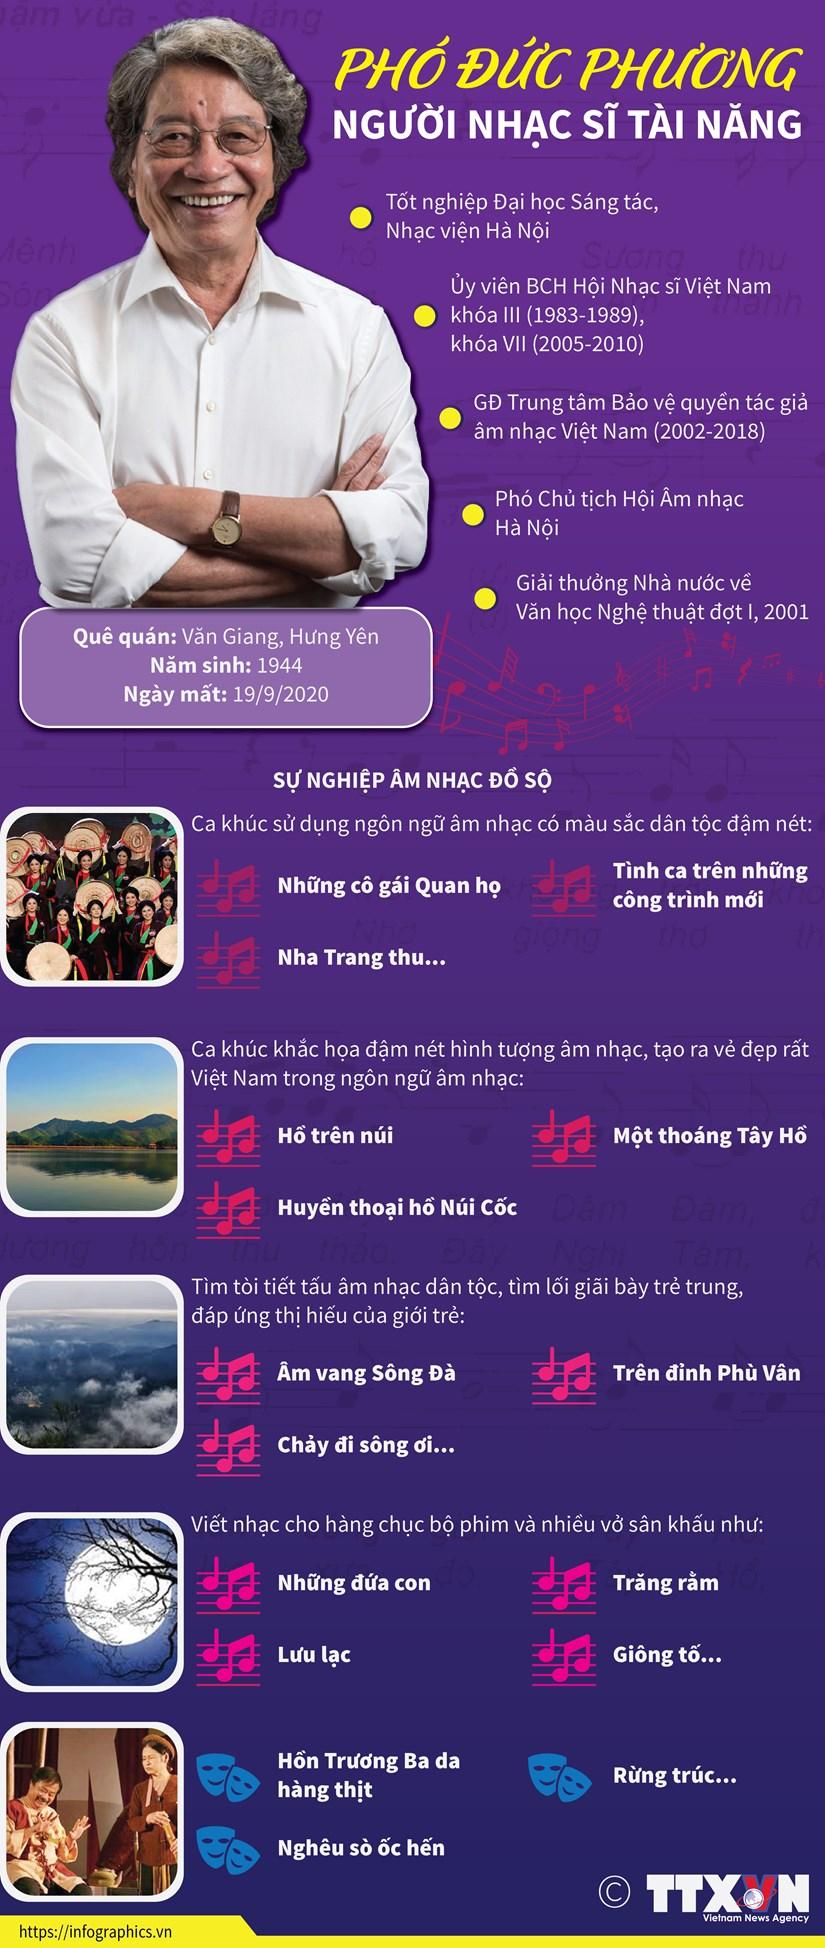 [Infographics] Pho Duc Phuong - Nguoi nhac si tai nang hinh anh 1